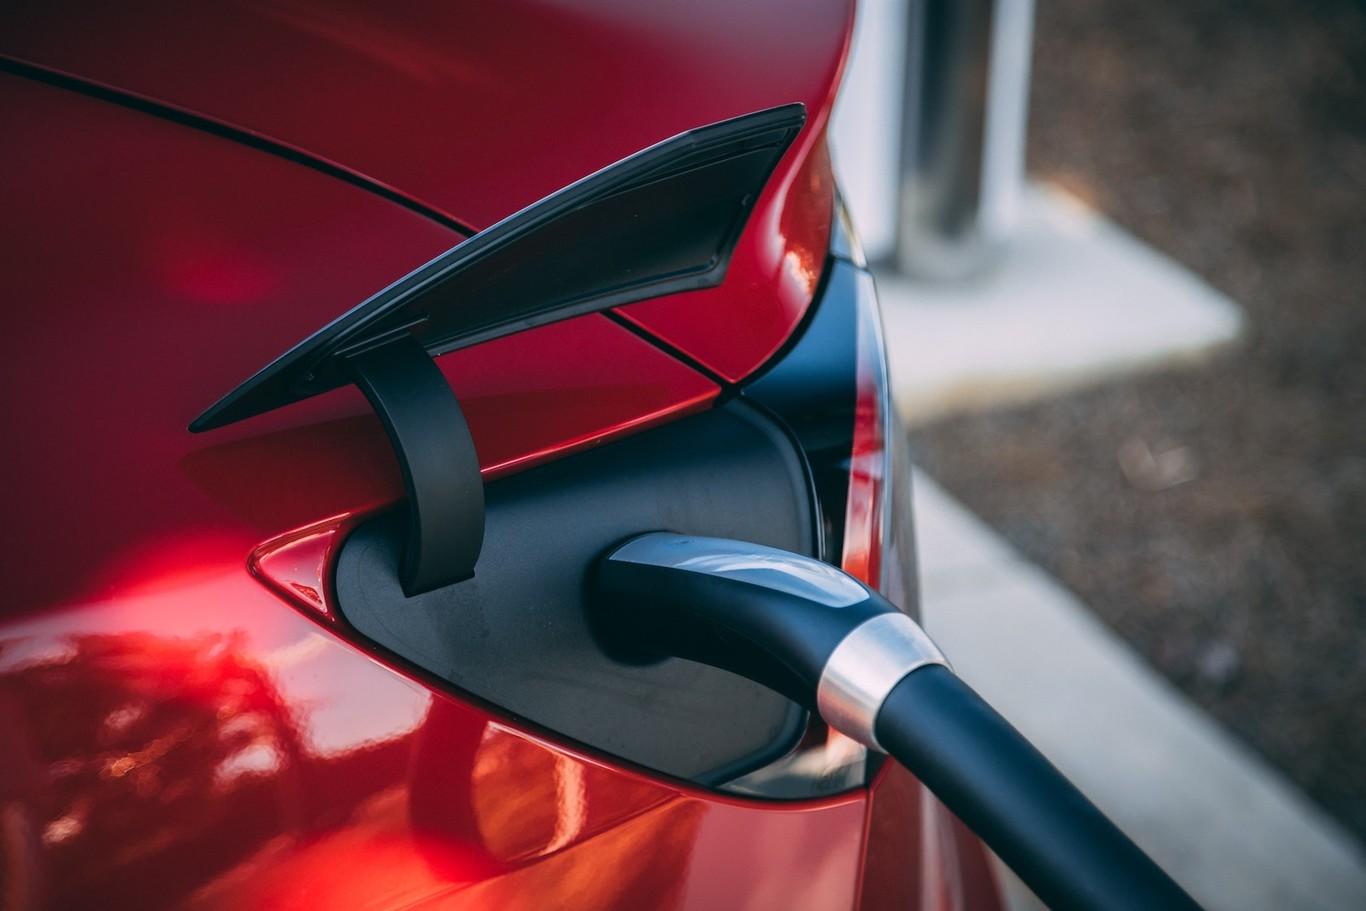 La nueva patente de Tesla nos da detalles de su ambiciosa batería que, afirma, durará más de un millón y medio de kilómetros